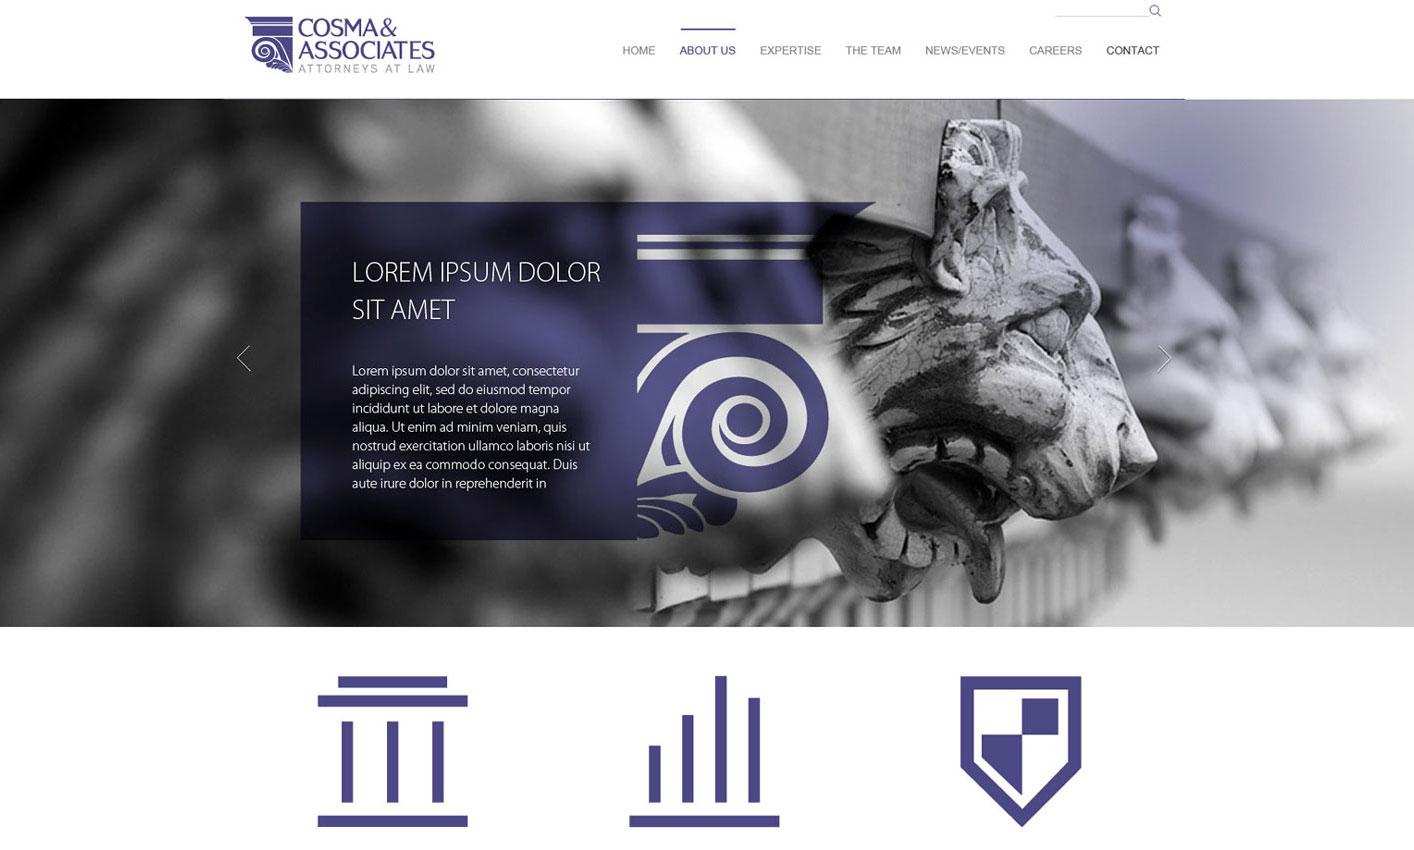 cosma si asociatii webdesign concept